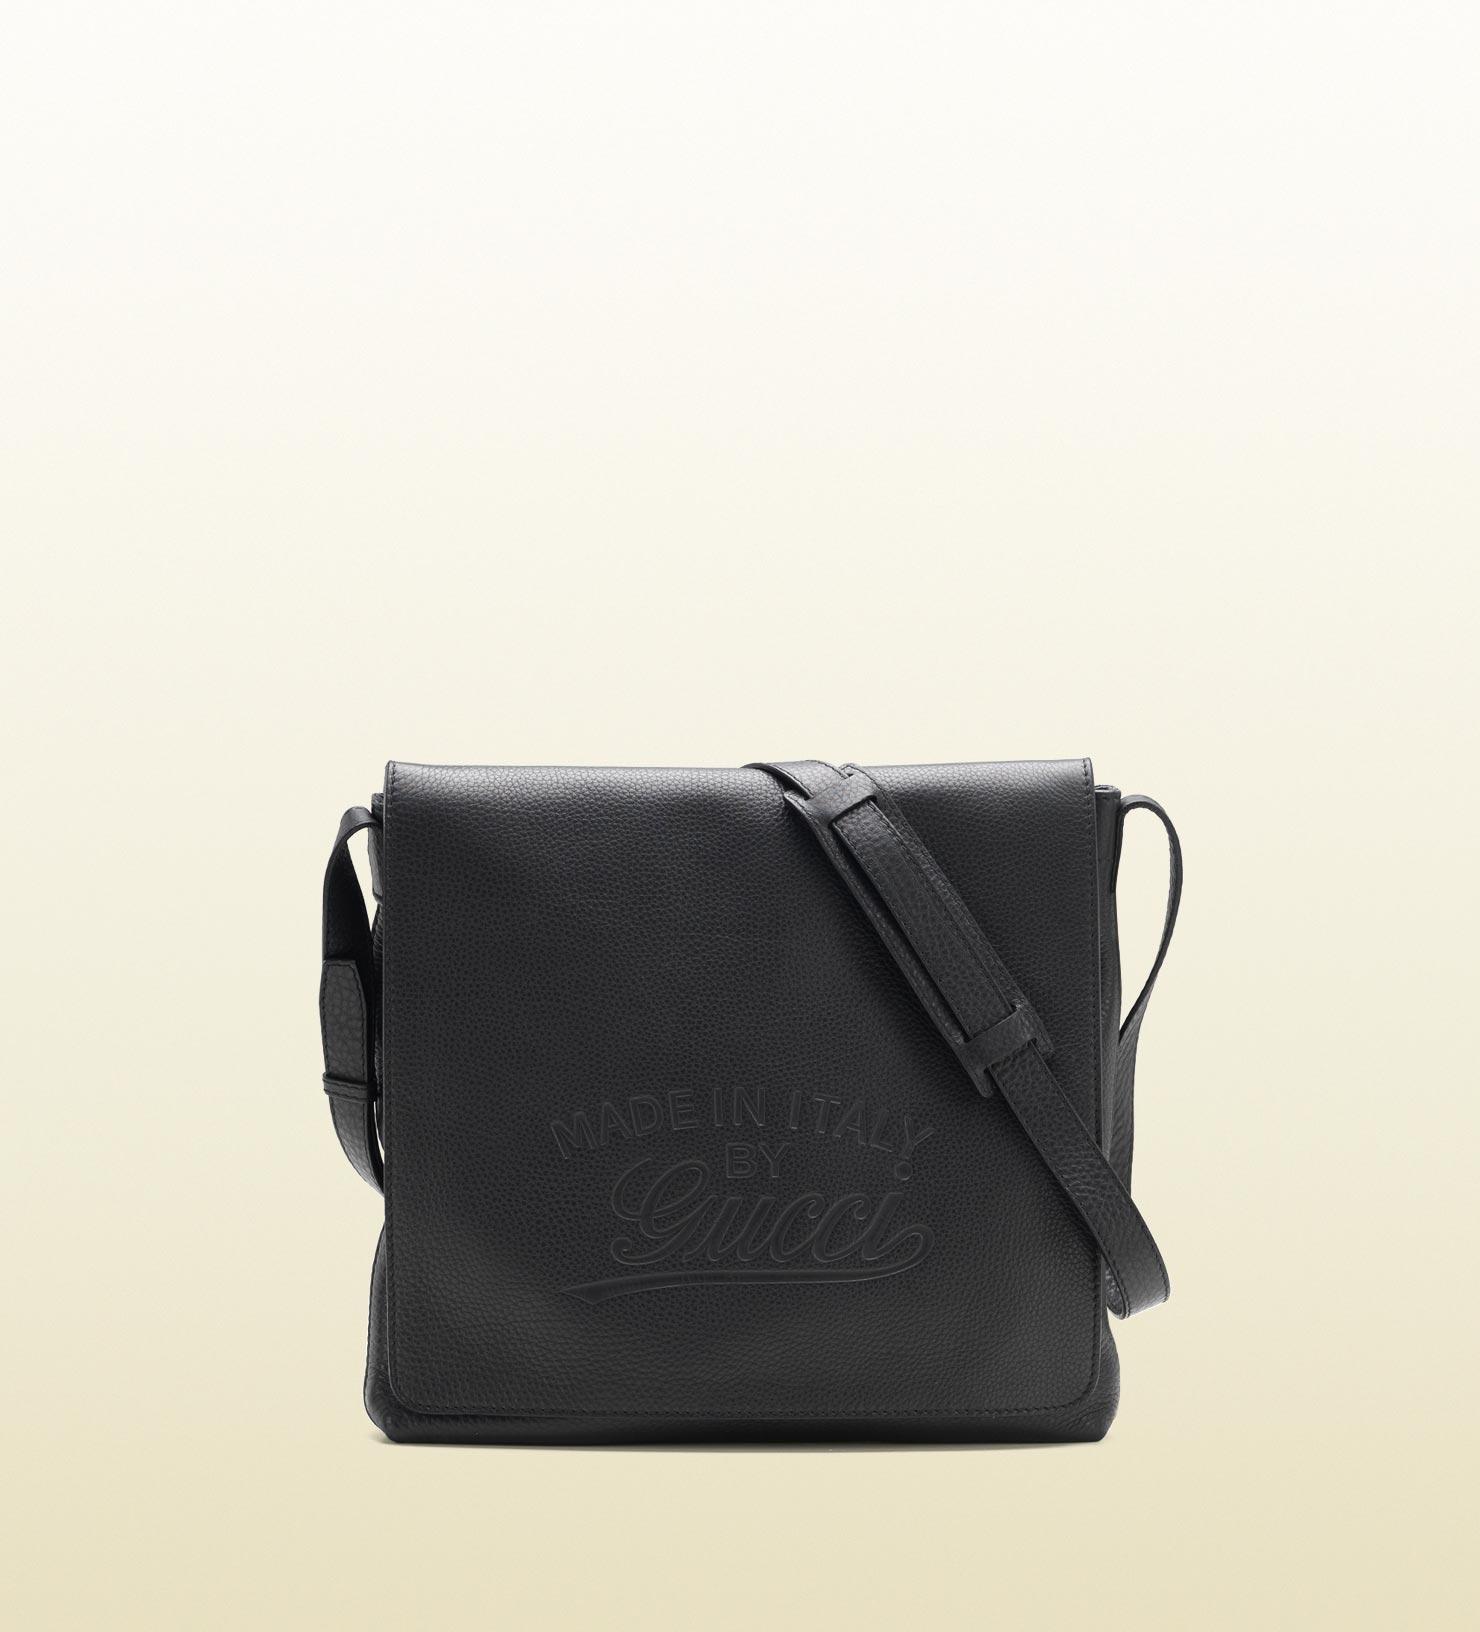 lyst gucci flap messenger bag in black for men. Black Bedroom Furniture Sets. Home Design Ideas